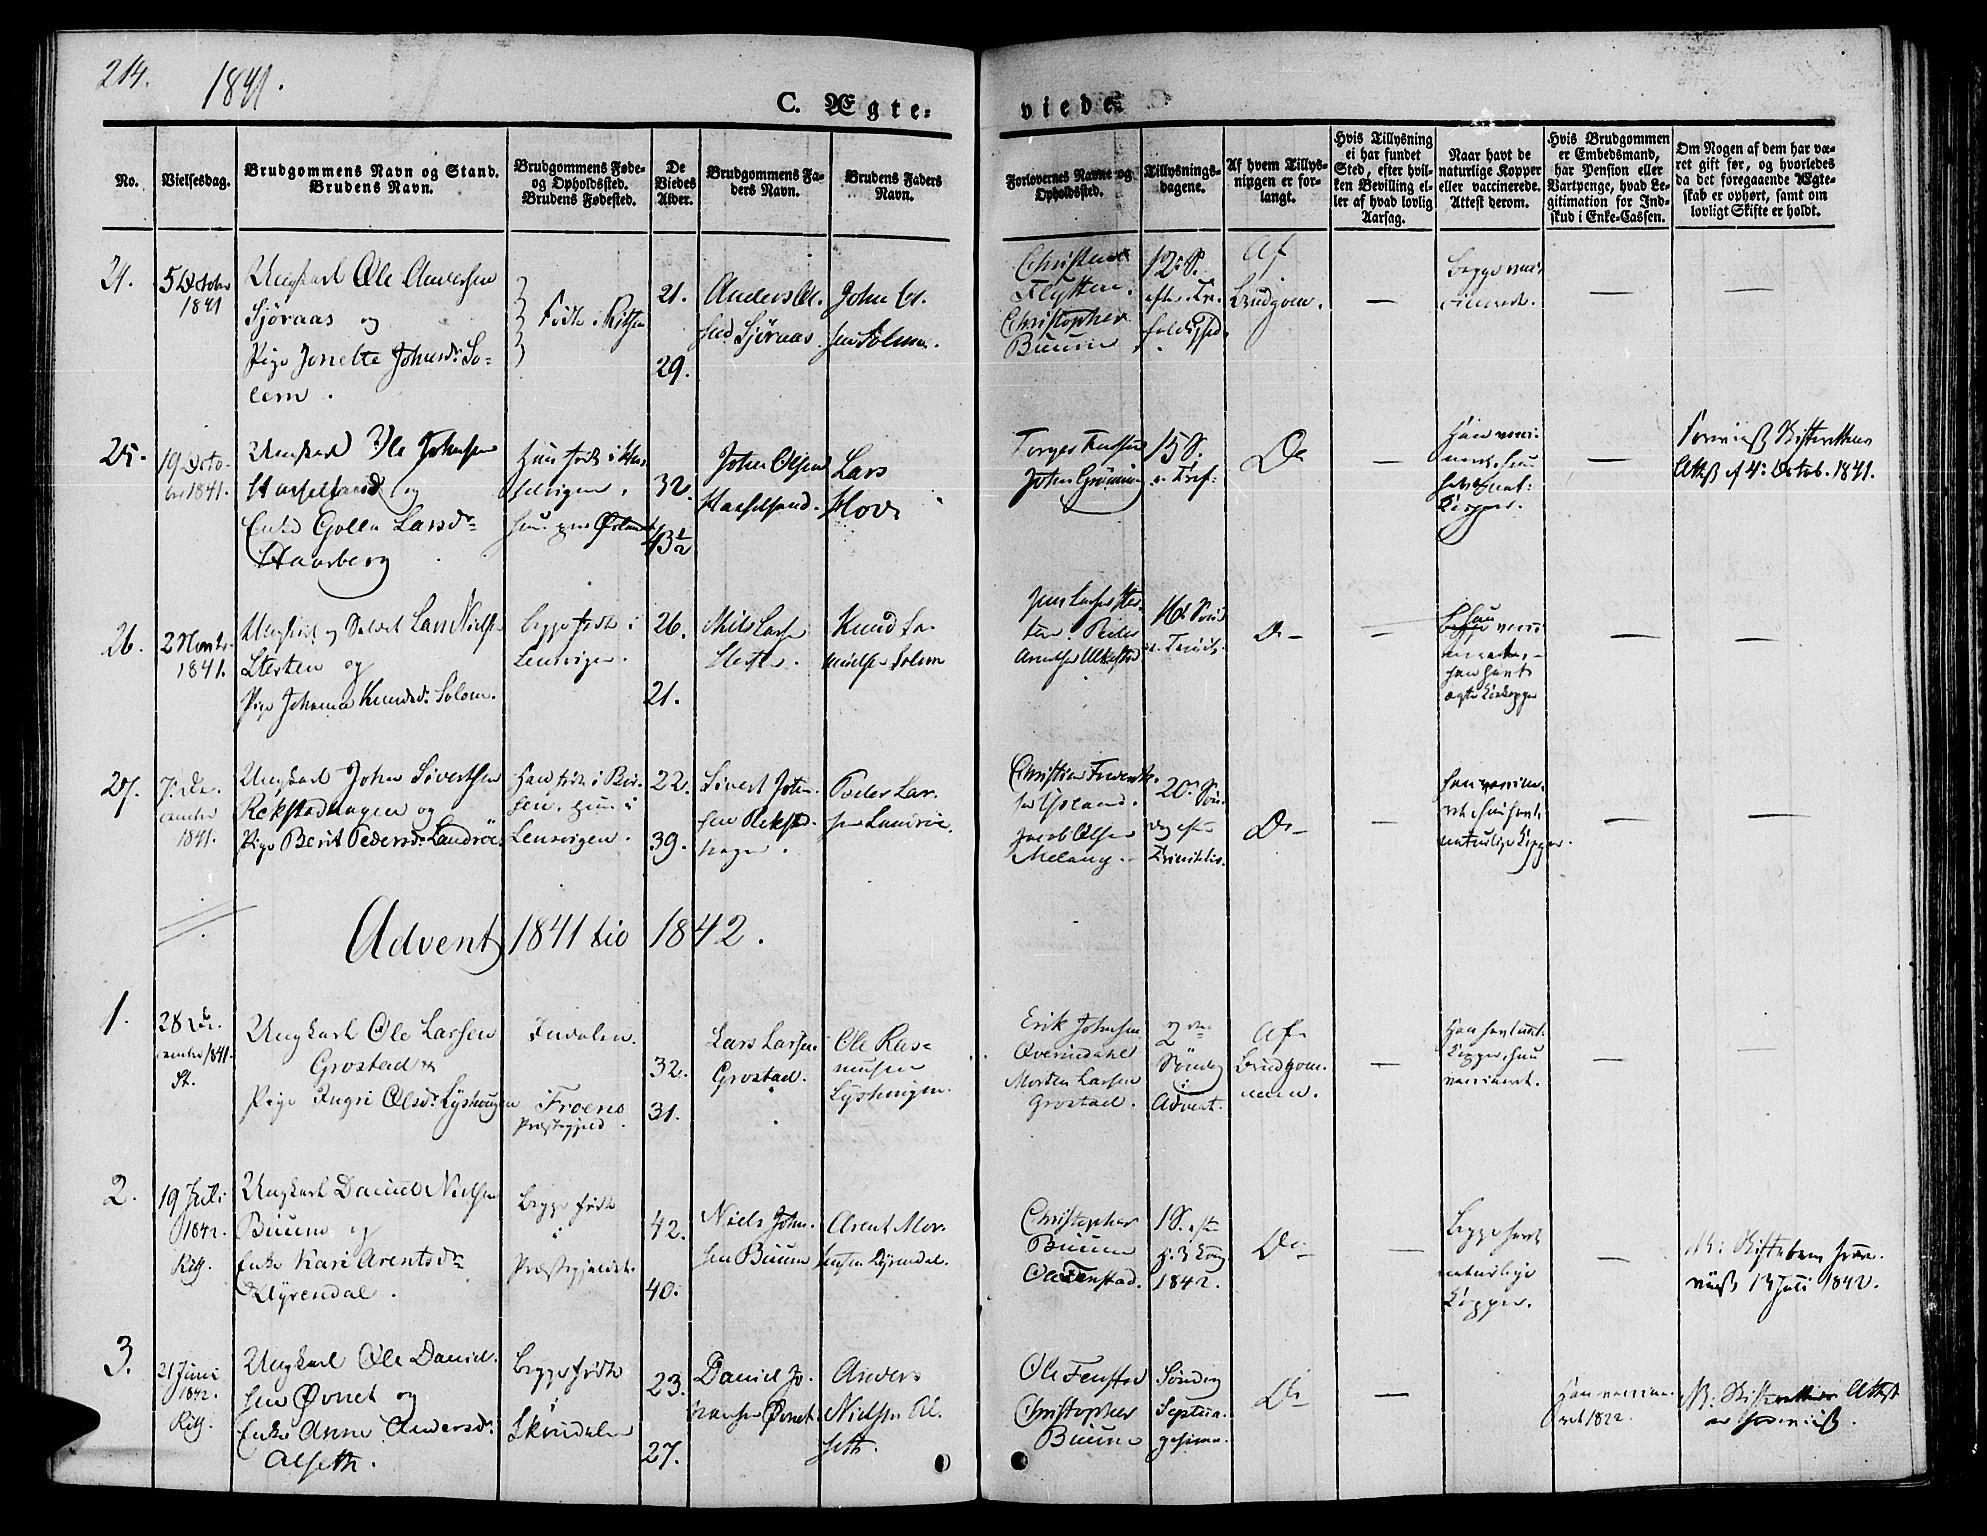 SAT, Ministerialprotokoller, klokkerbøker og fødselsregistre - Sør-Trøndelag, 646/L0610: Ministerialbok nr. 646A08, 1837-1847, s. 214